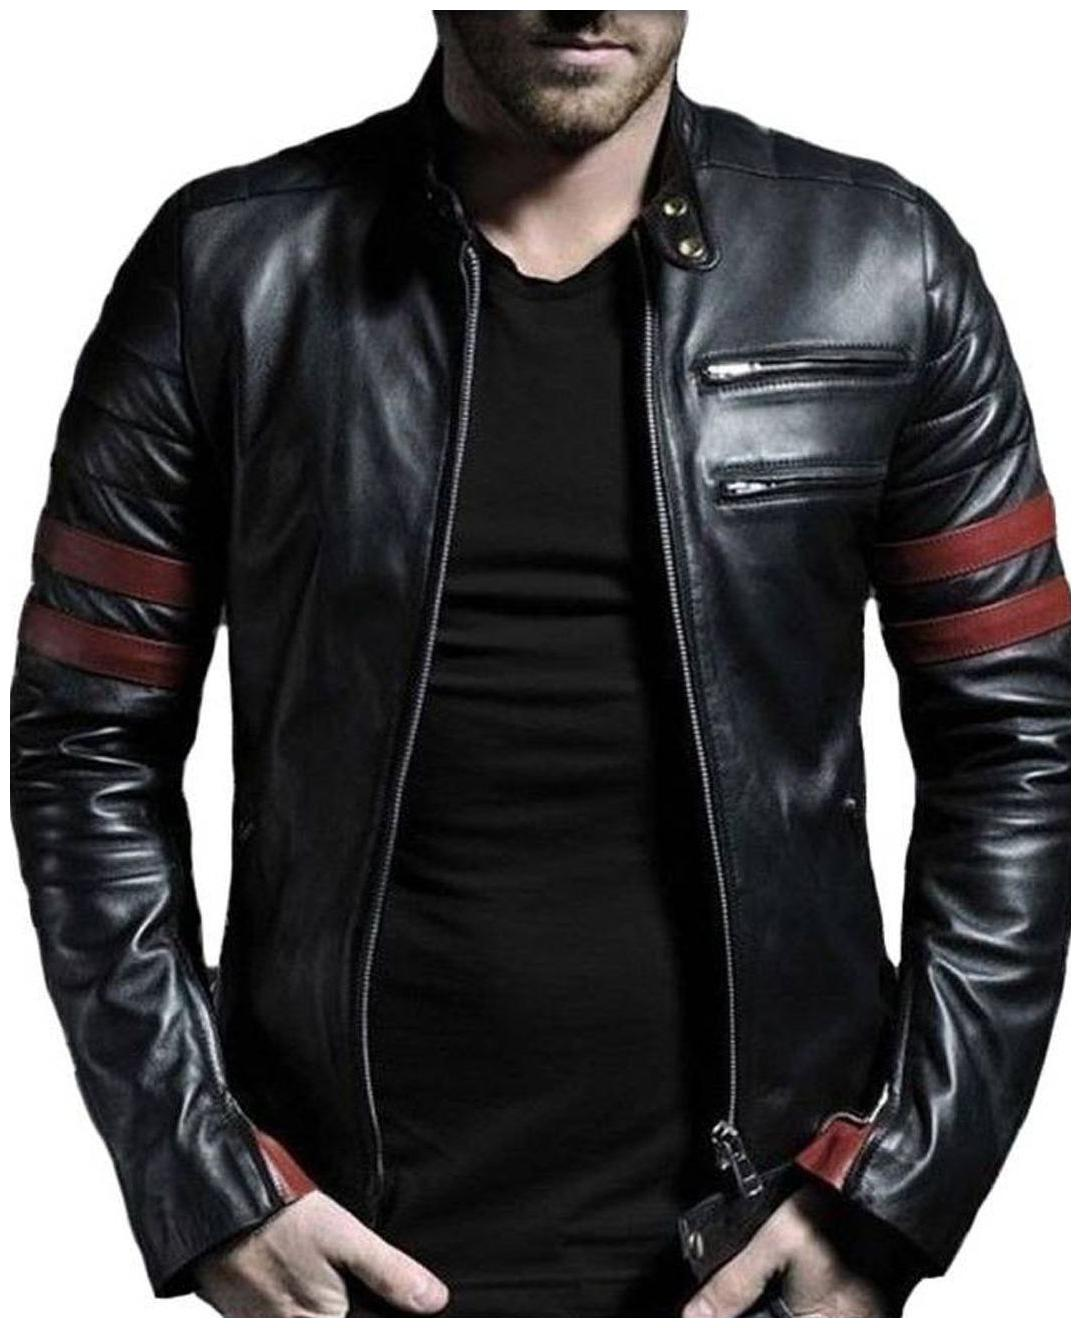 2beff229abf Jackets for Men - Buy Men's Leather Jackets, Winter Jacket, Denim ...